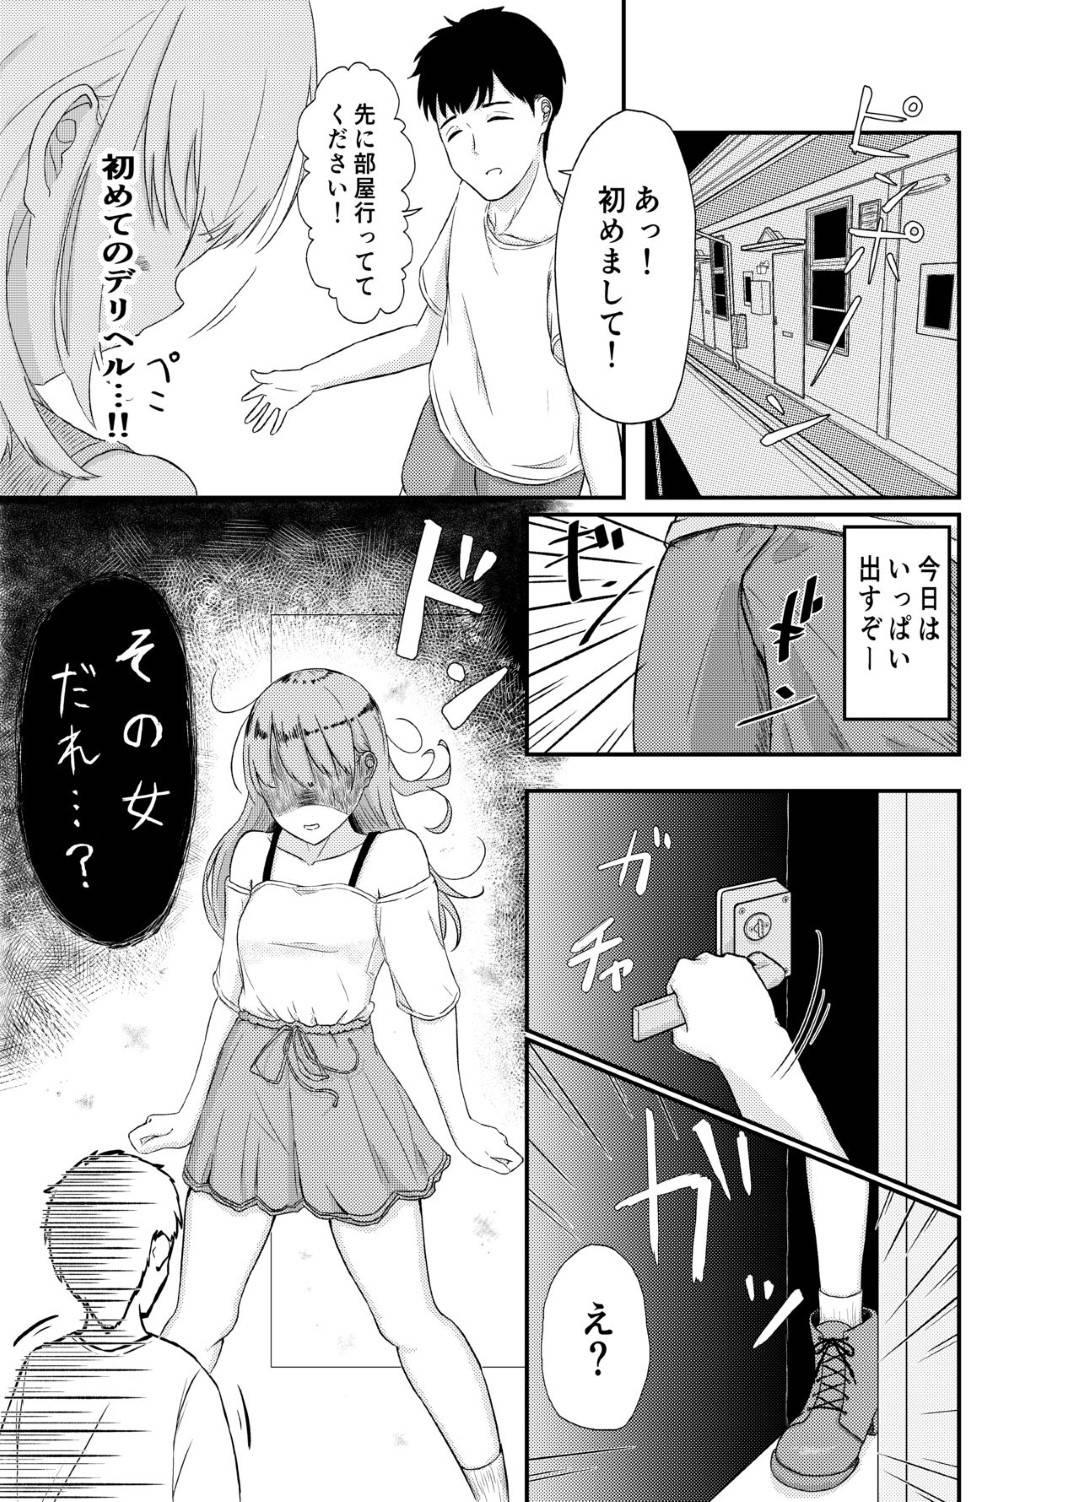 【エロ漫画】幼馴染の主人公がデリヘルを利用している事を知ってしまった幼馴染の巨乳お姉さん。そんな彼の行動に妬いた彼女はそのまま勢いでエッチを迫ってイチャラブセックスする!